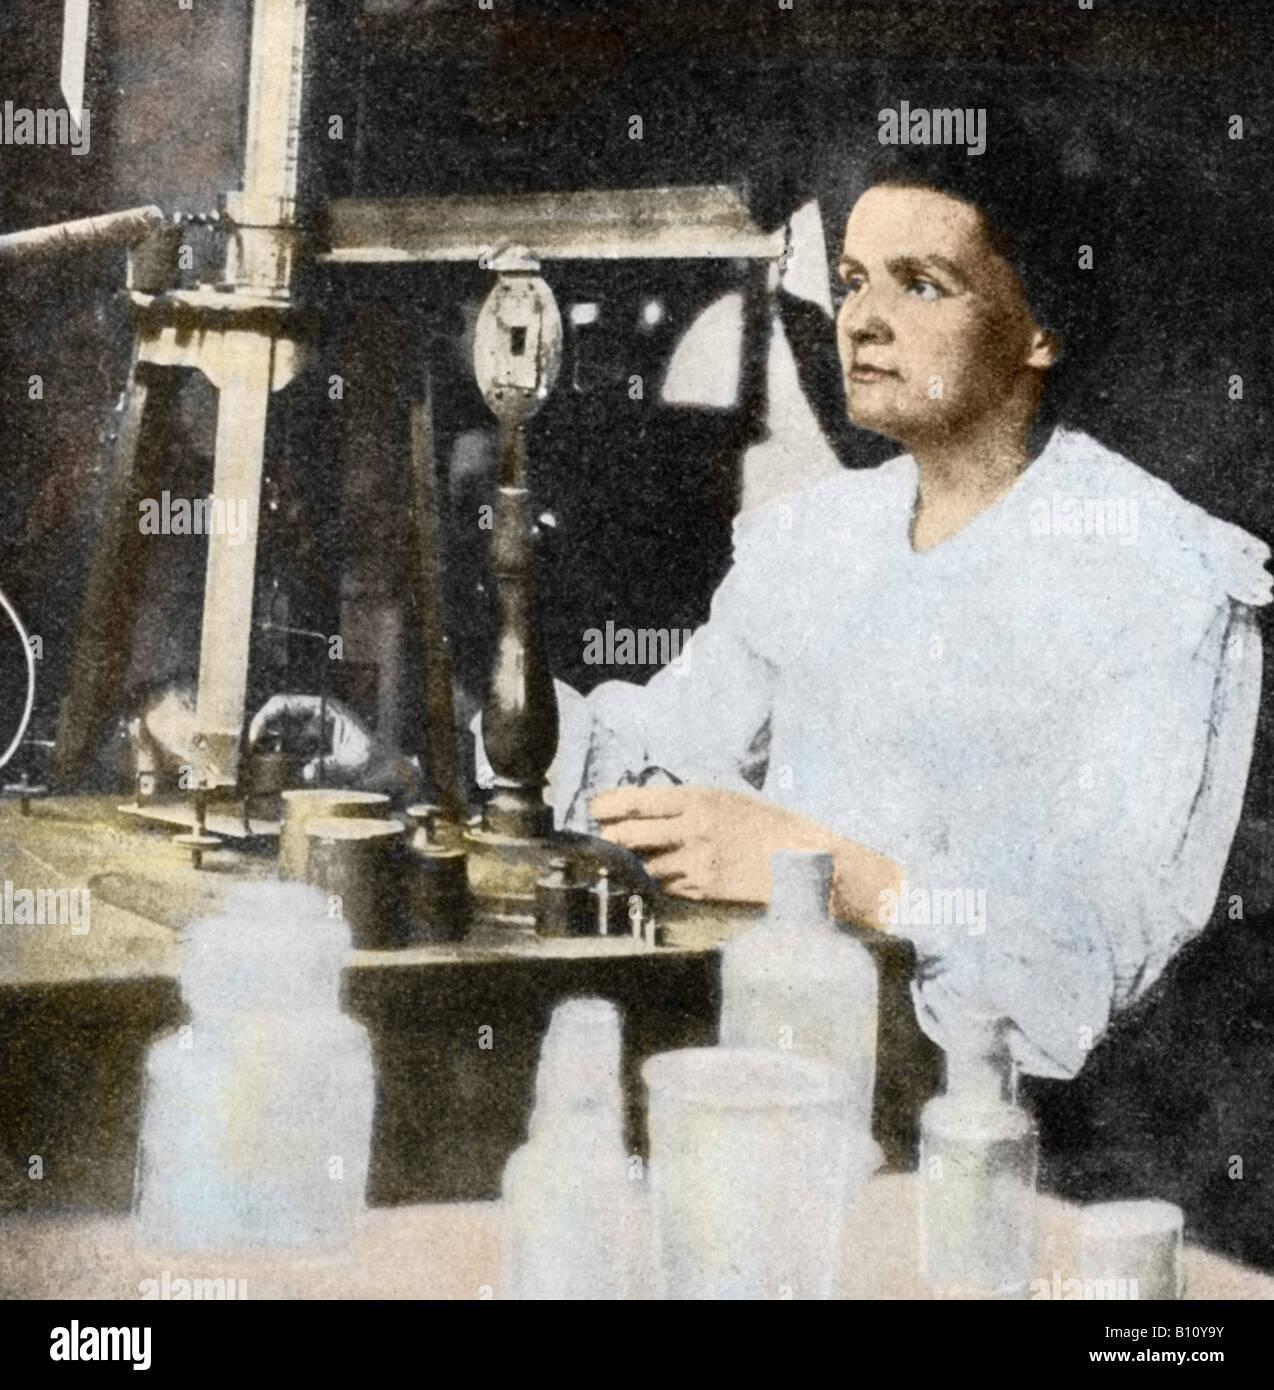 Marie Curie 1867 - 1934 Polaco francês físico em seu laboratório. Com o seu marido Pierre ela isolada Imagens de Stock